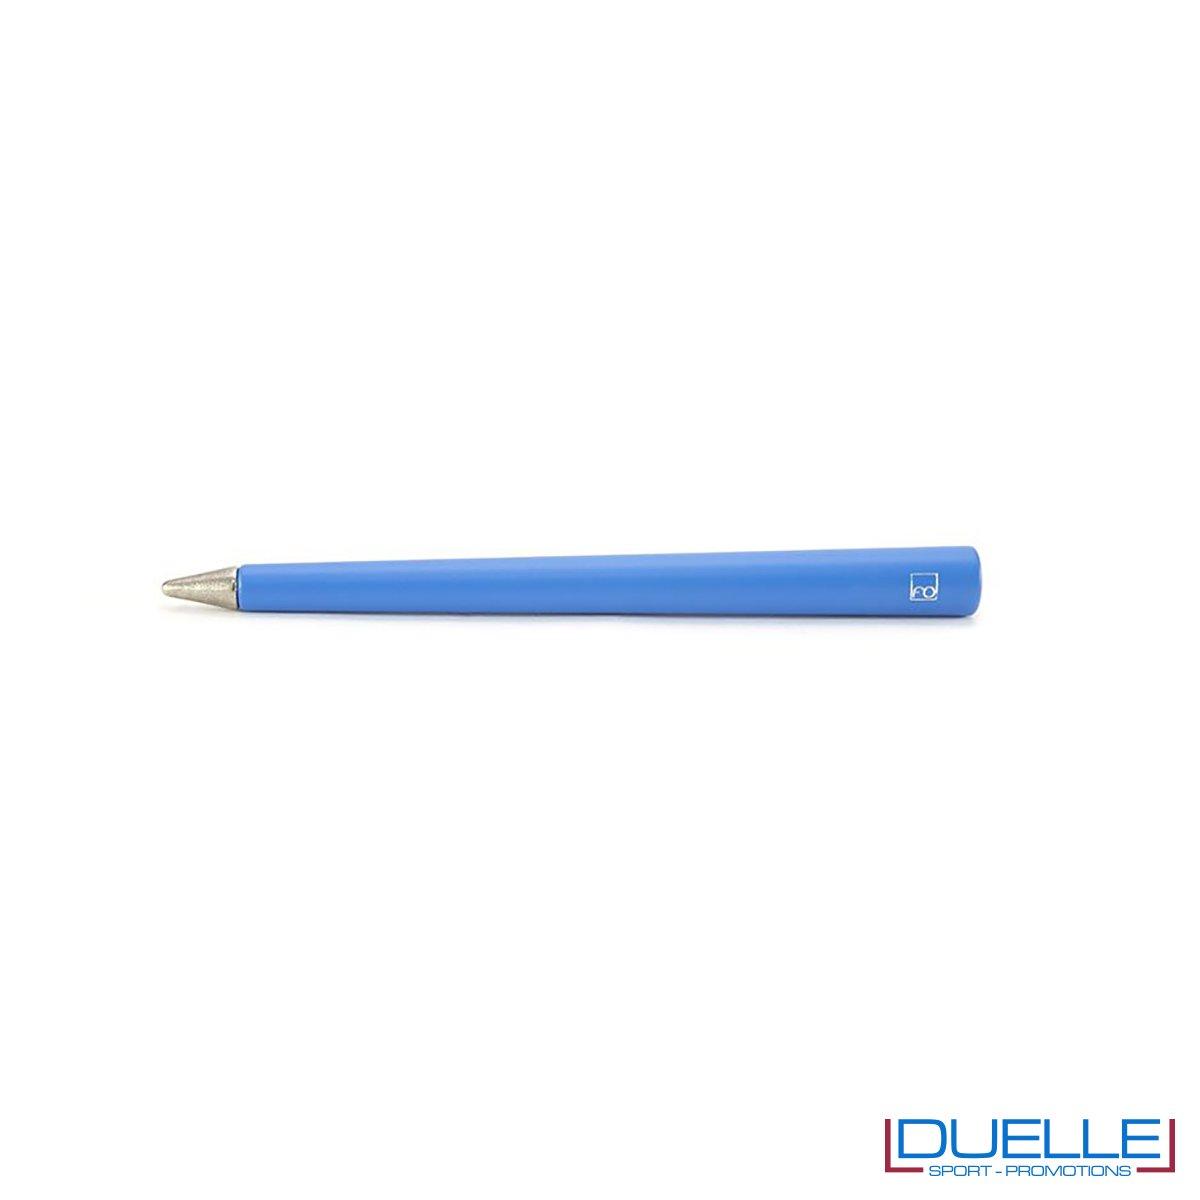 matita inifita personalizzata primina in colore blu, regali azinedali personalizzabili blu